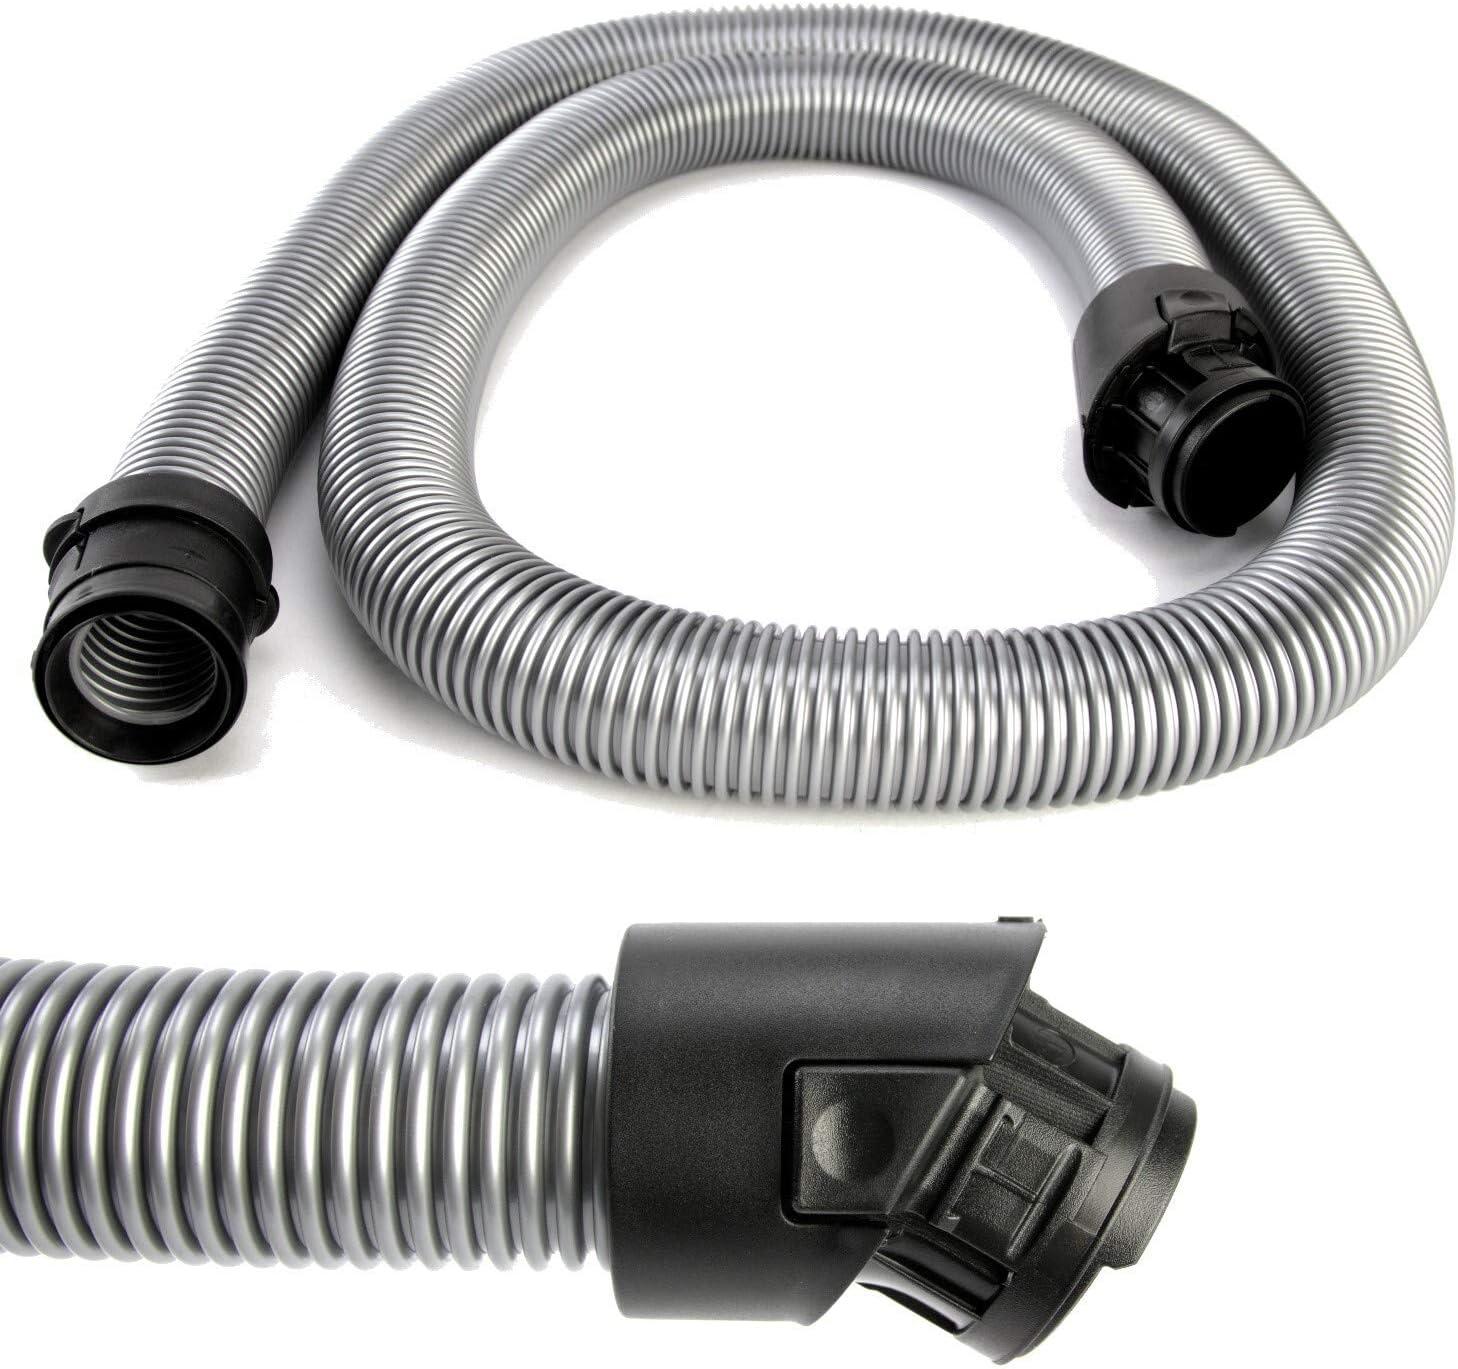 S 8000 bis S 8999 S8 S6 Staubsauger Schlauch für Miele C3 S 6000 bis S 6999